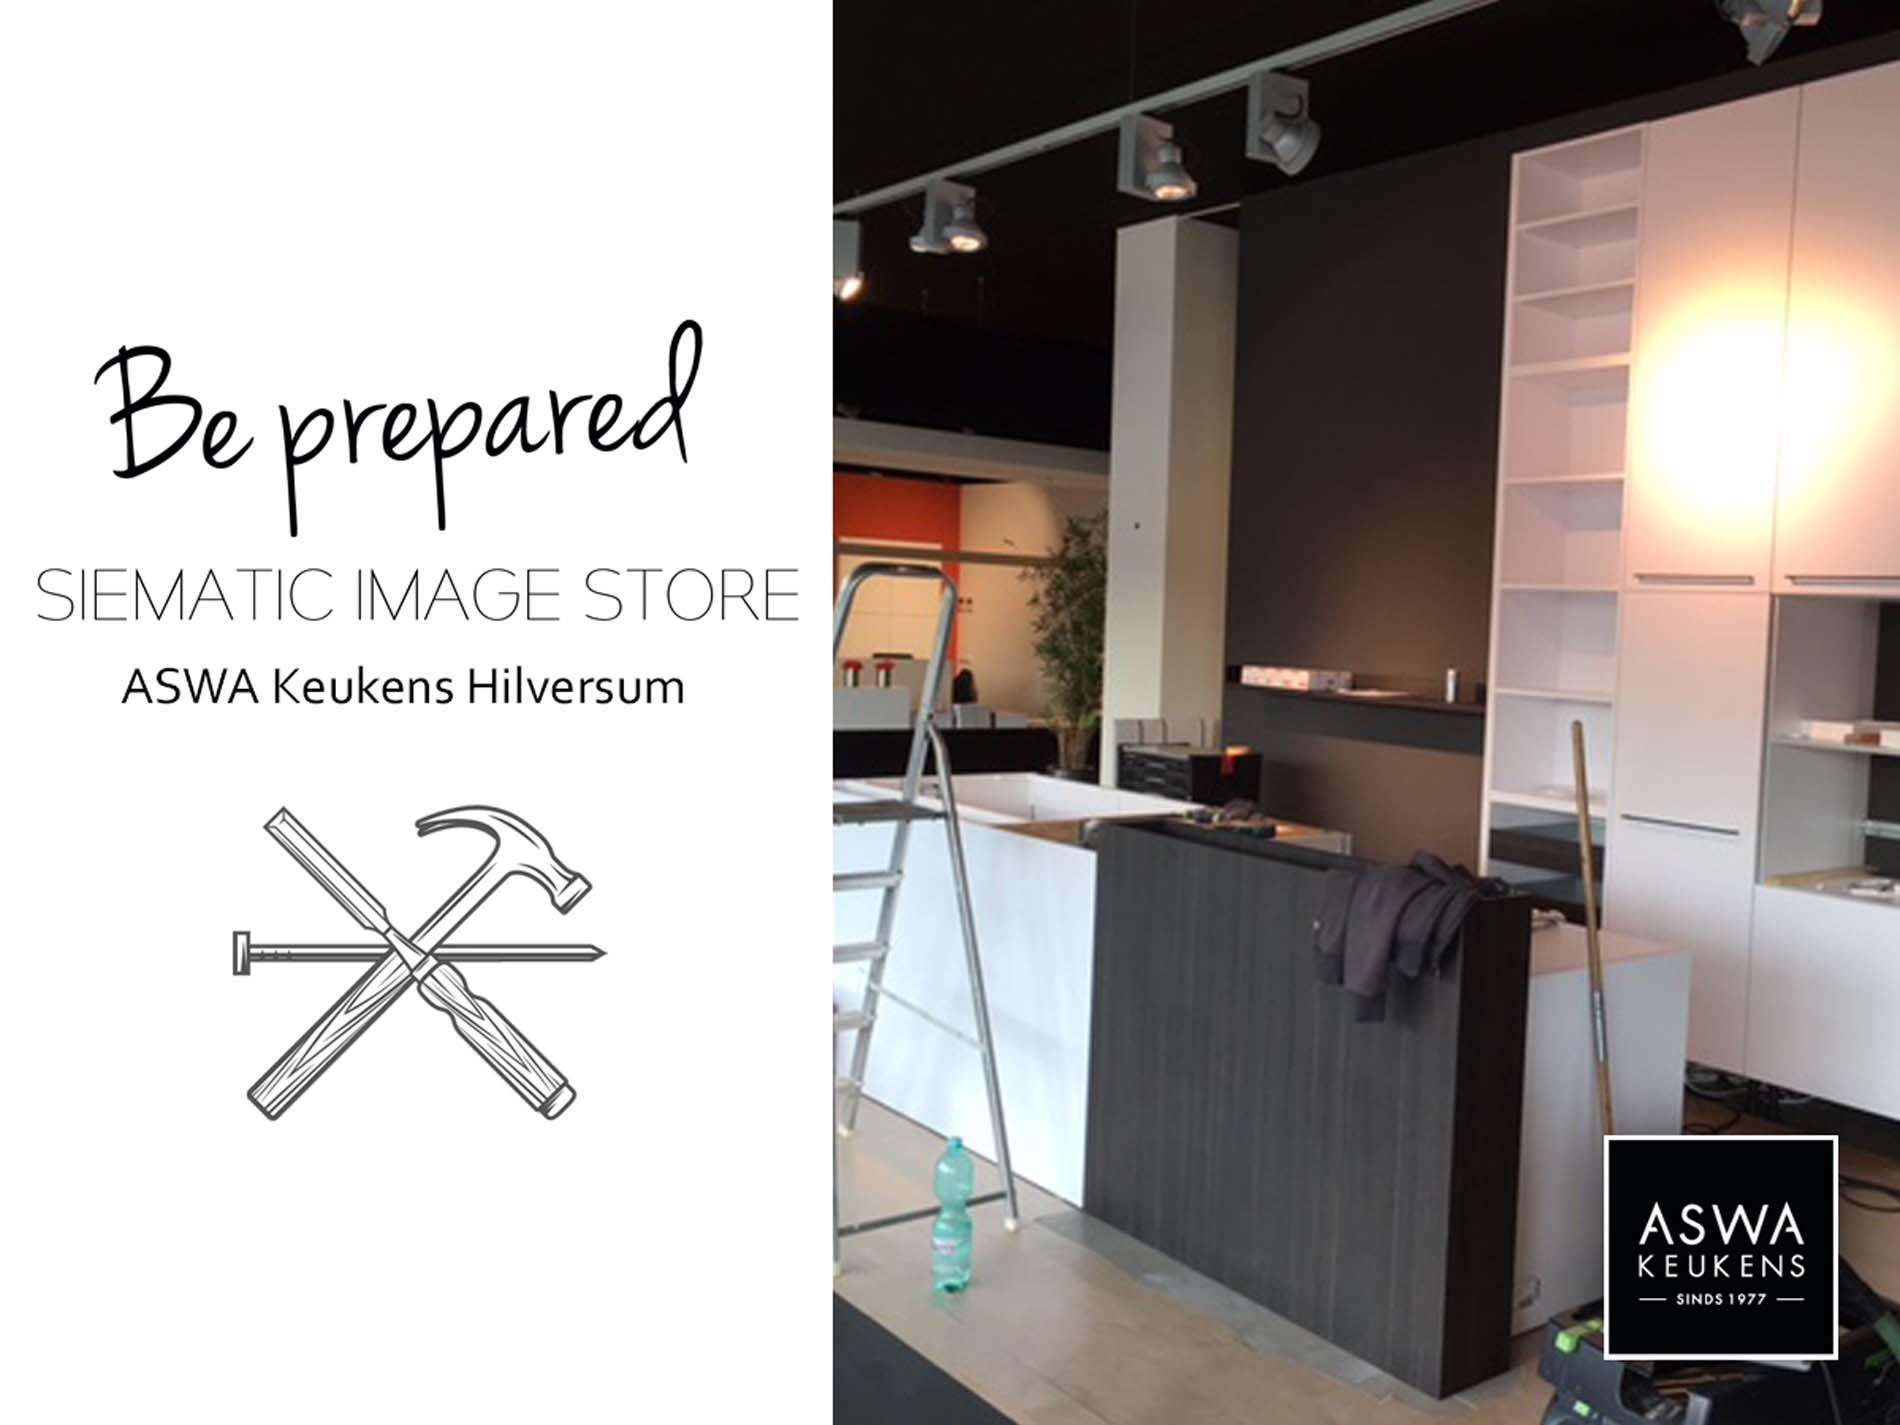 Nieuws verbouwing Hilversum Image Store